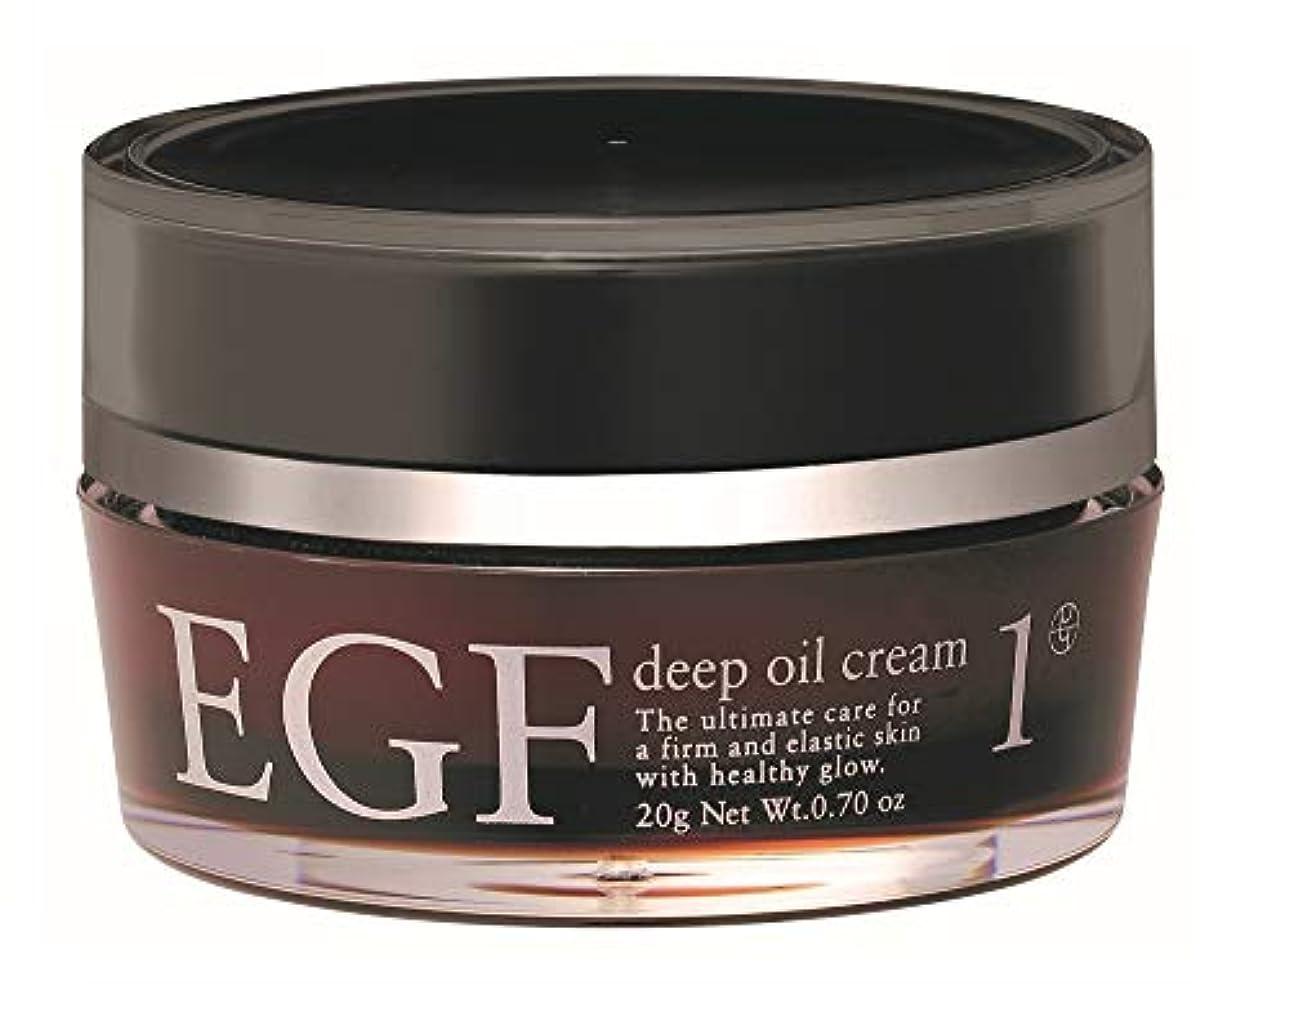 約束するびっくりした似ている【EGFクリーム】EGF ディープオイルクリーム 20g